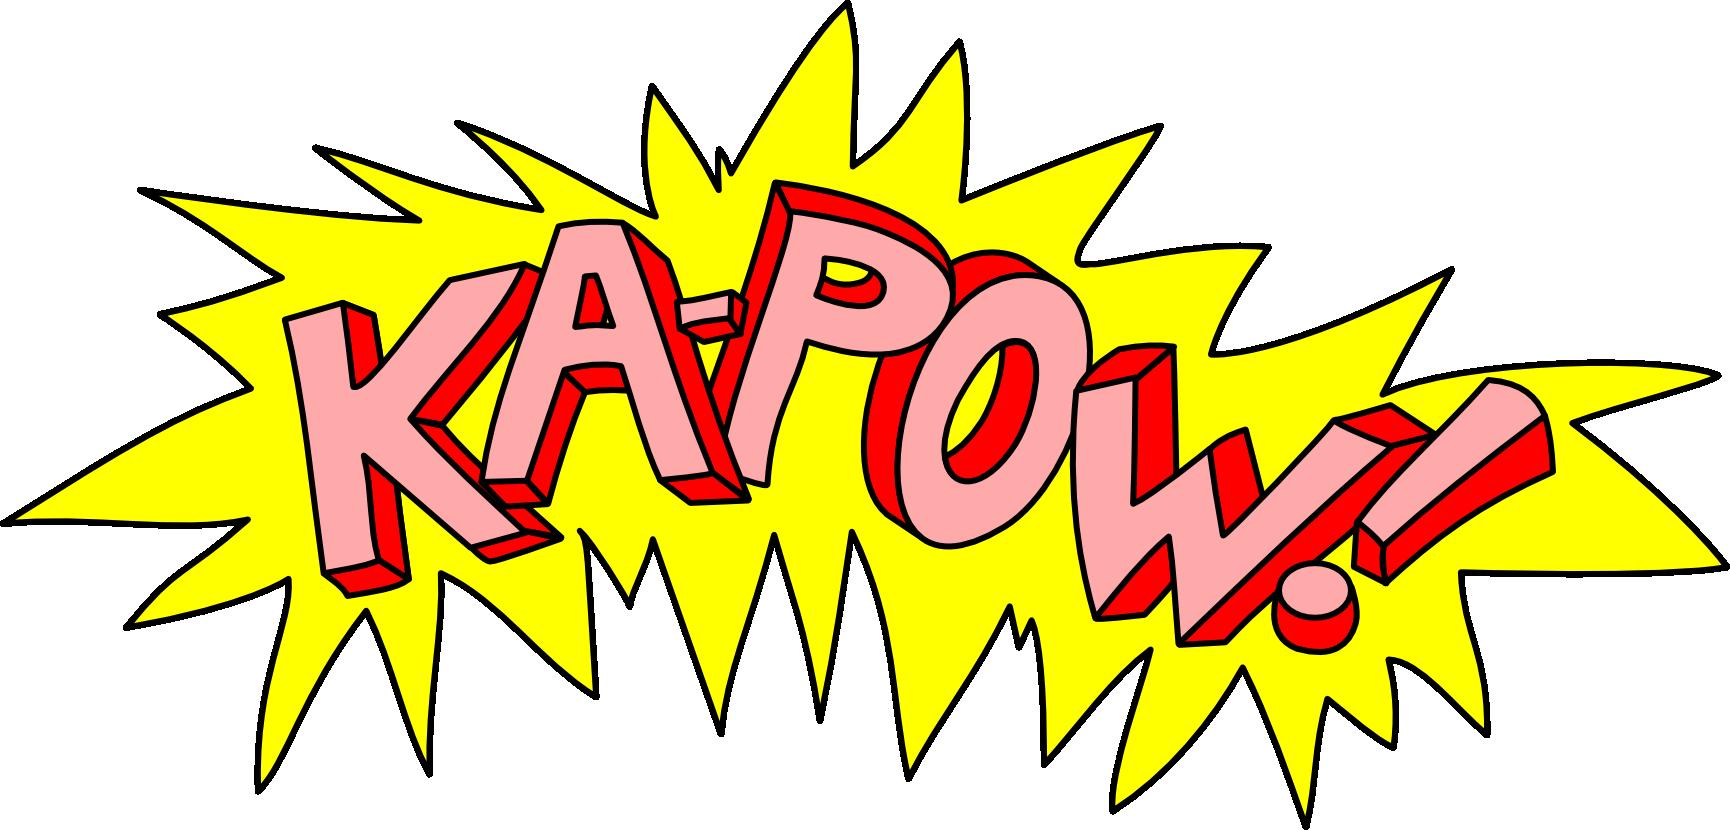 Aaaaahhhhhhhh make it stop. Clipart explosion kapow